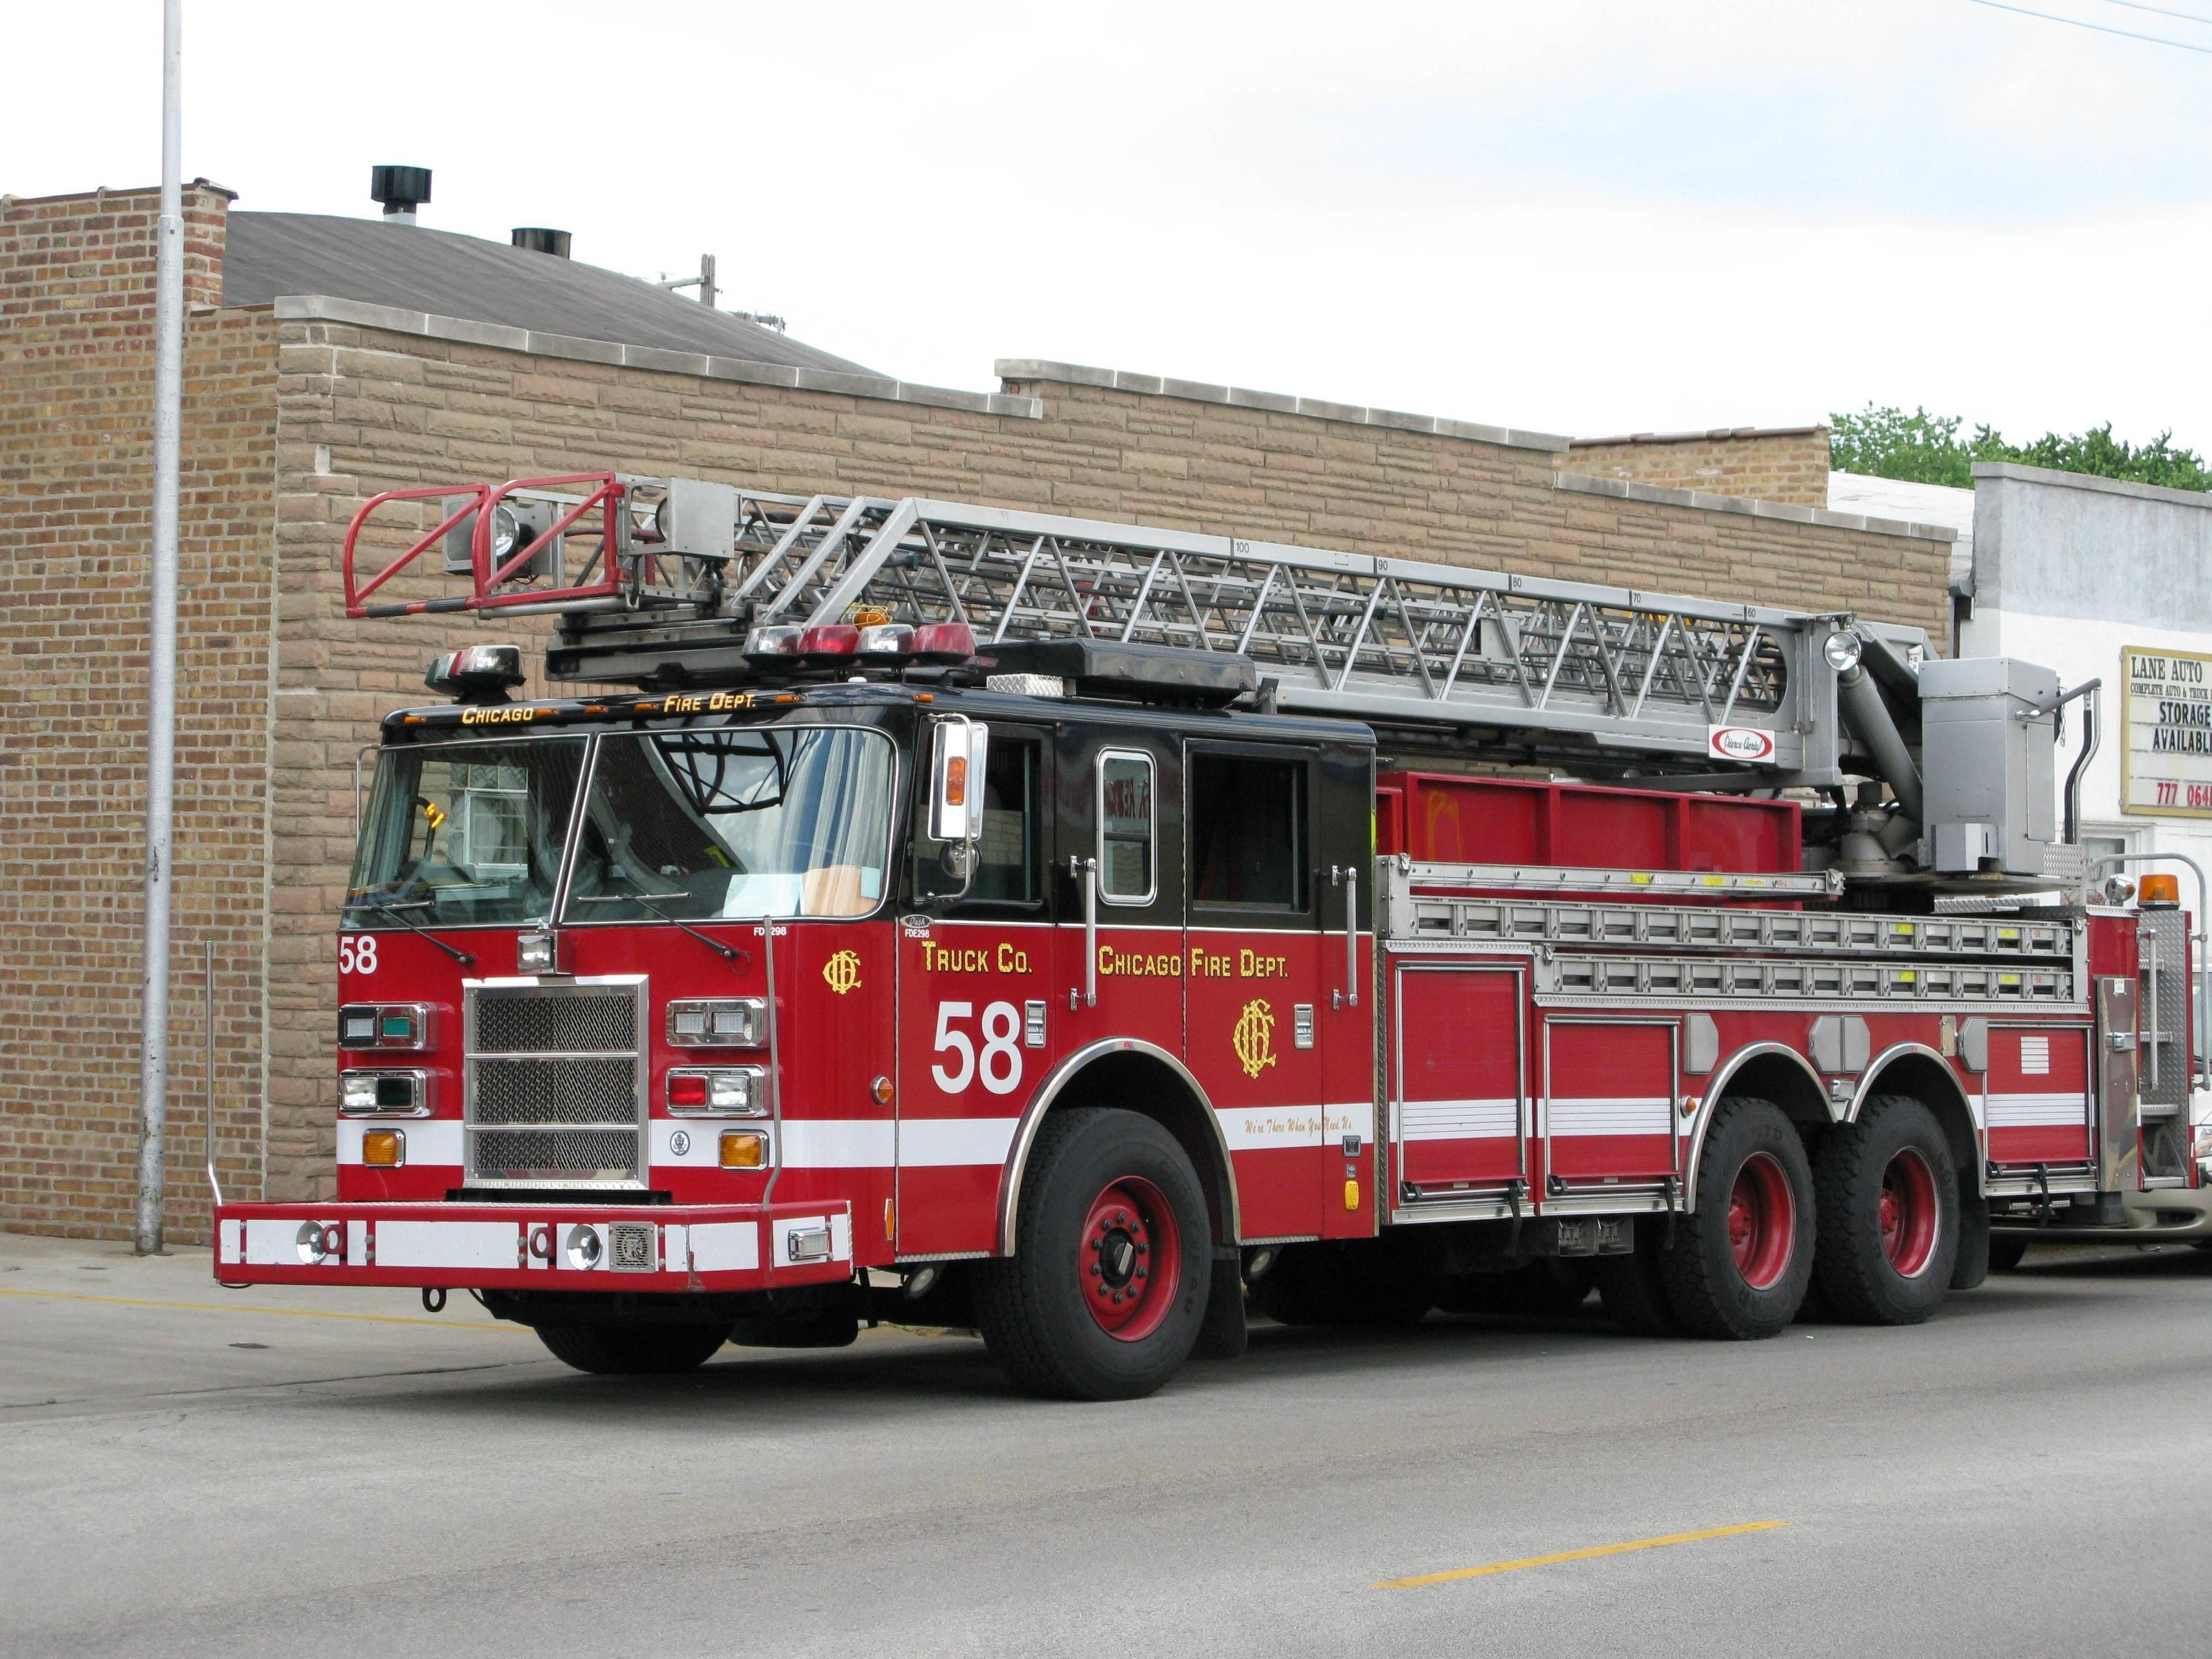 Pin By Xavanco 75 On American Fire Dept Trucks 1 1 Fire